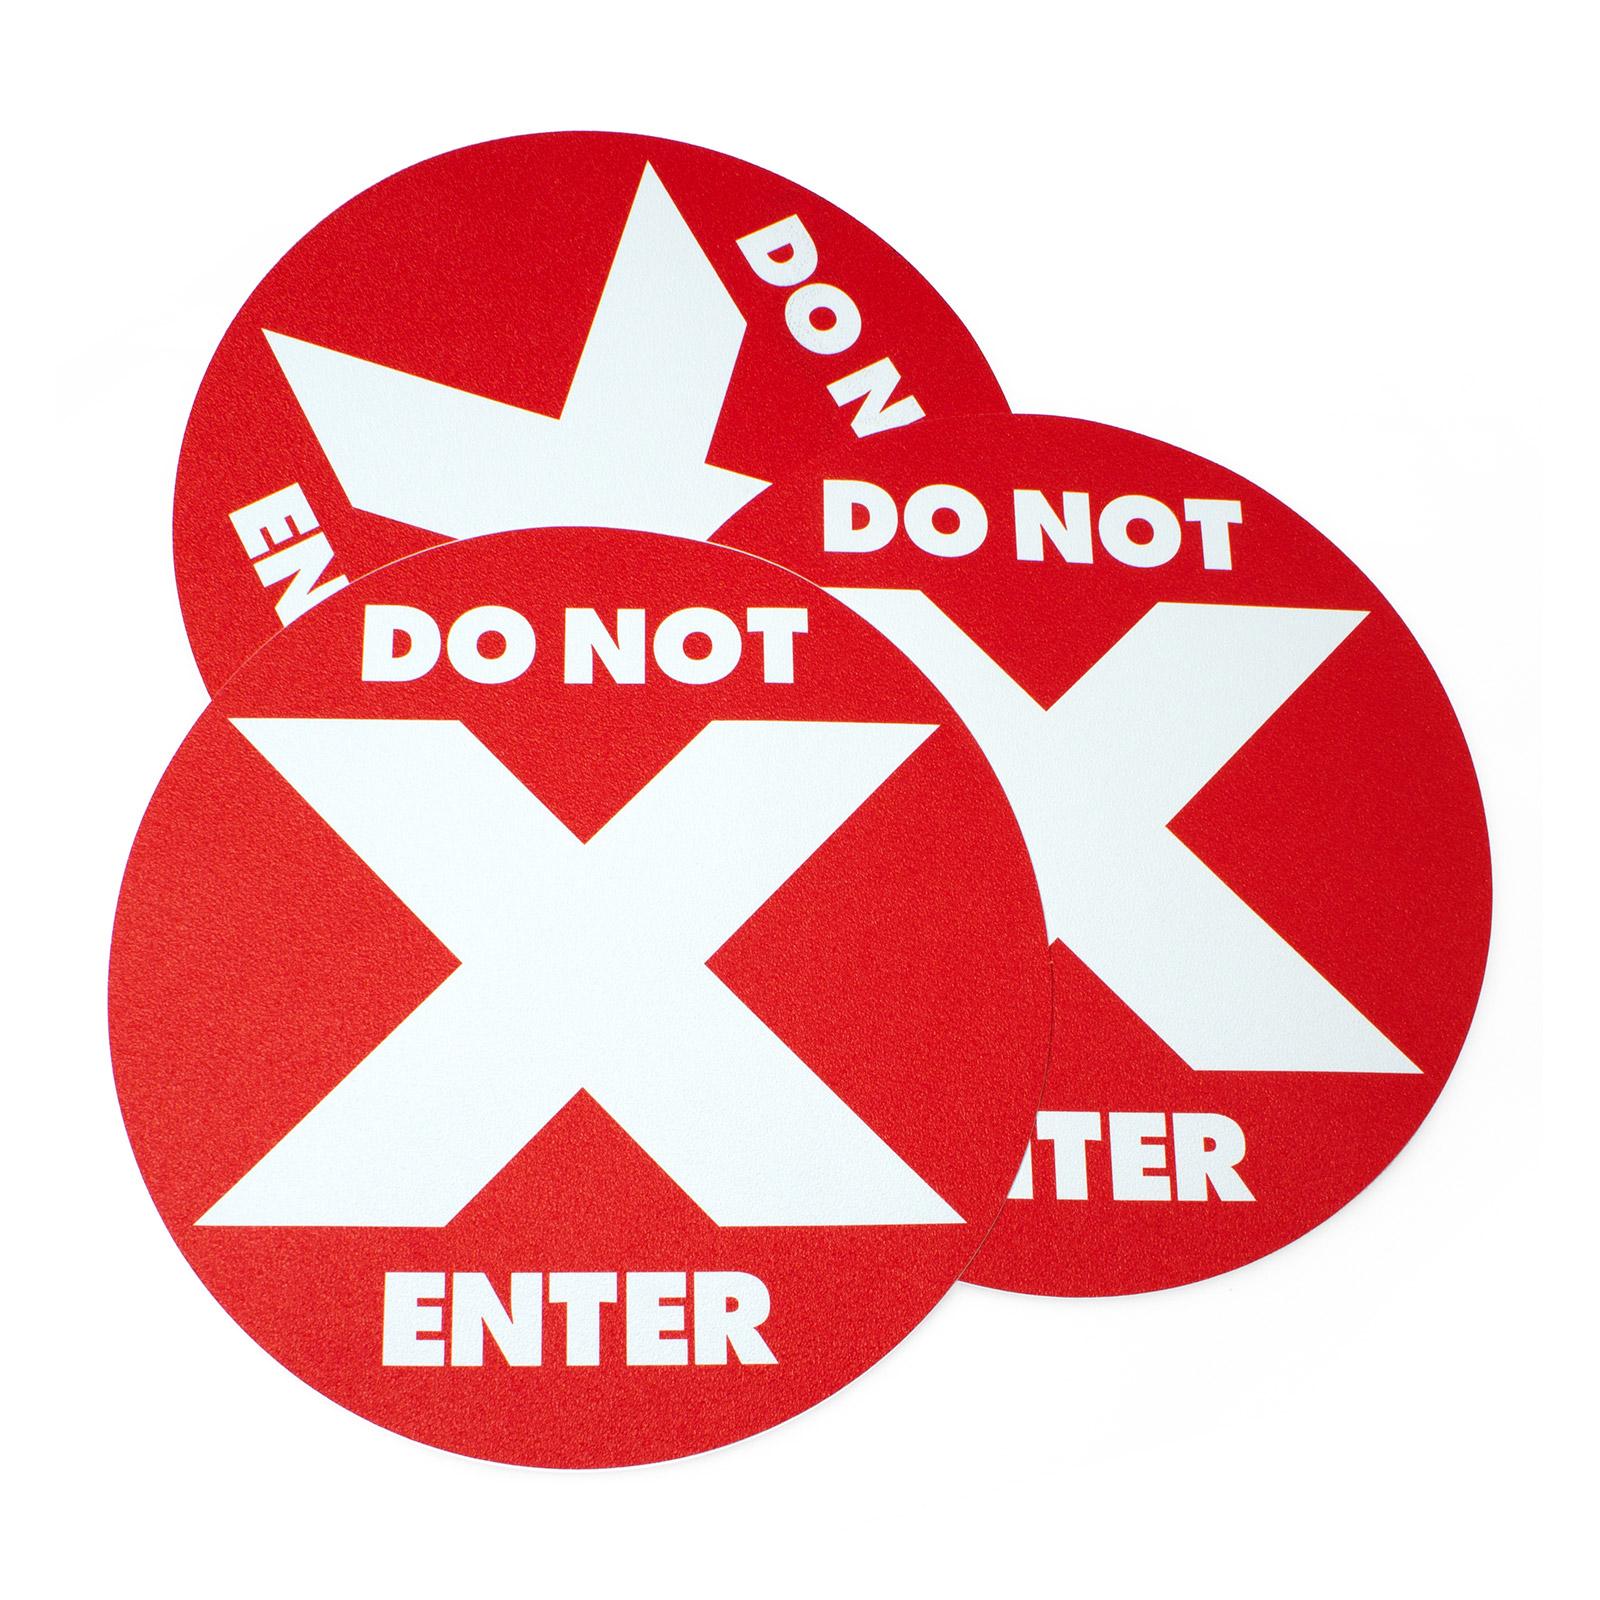 Do Not Enter Floor Decals